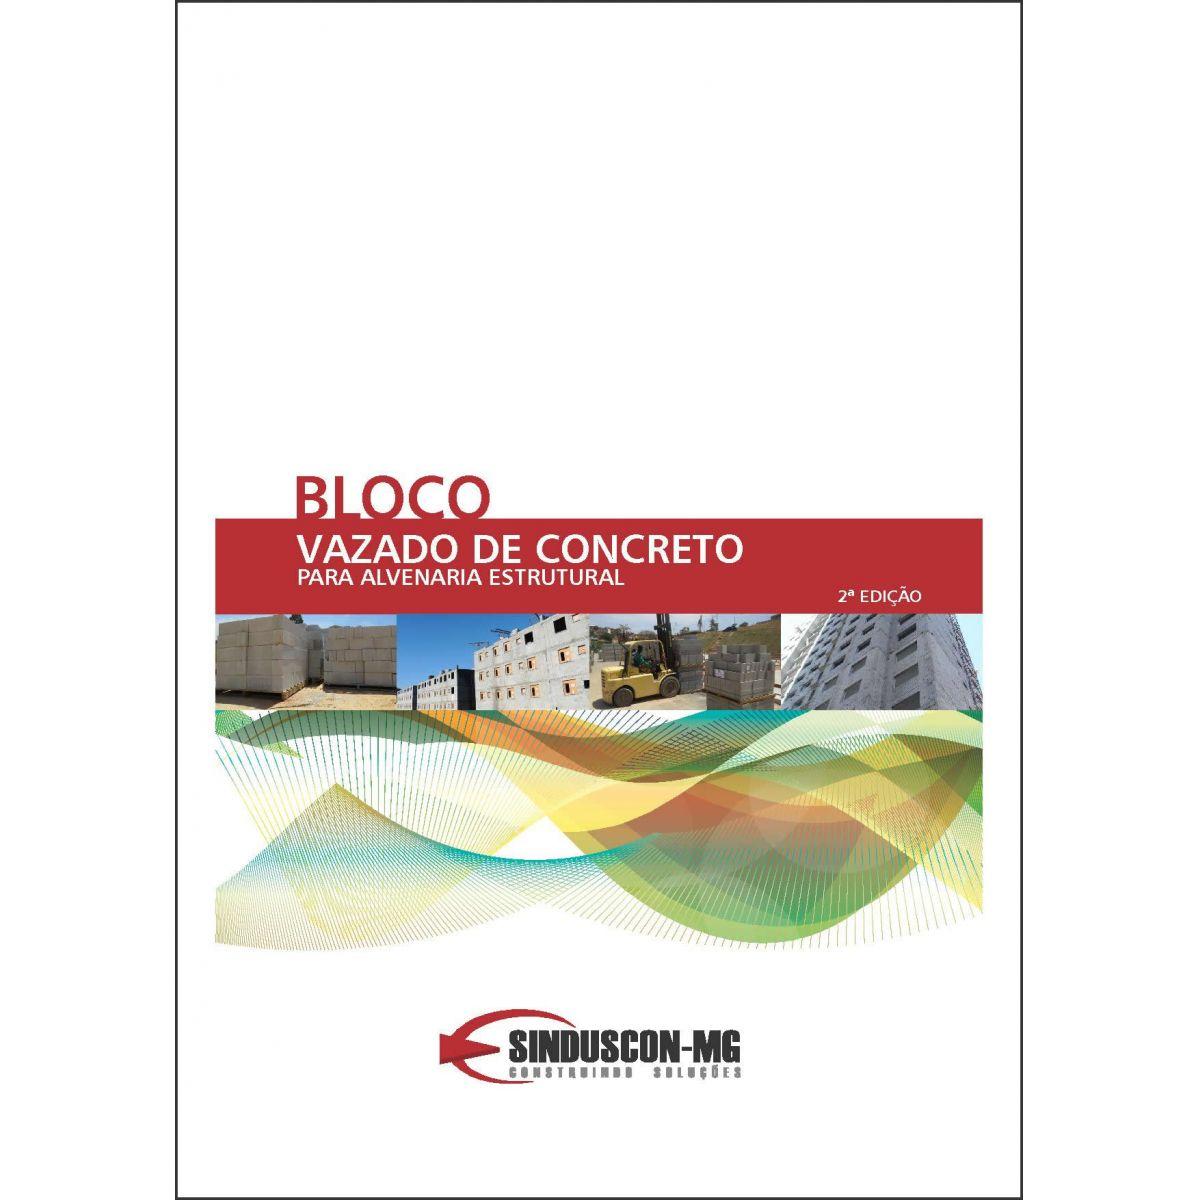 Bloco Vazado de Concreto para Alvenaria Estrutural - 2ª edição  - Livraria Sinduscon-MG